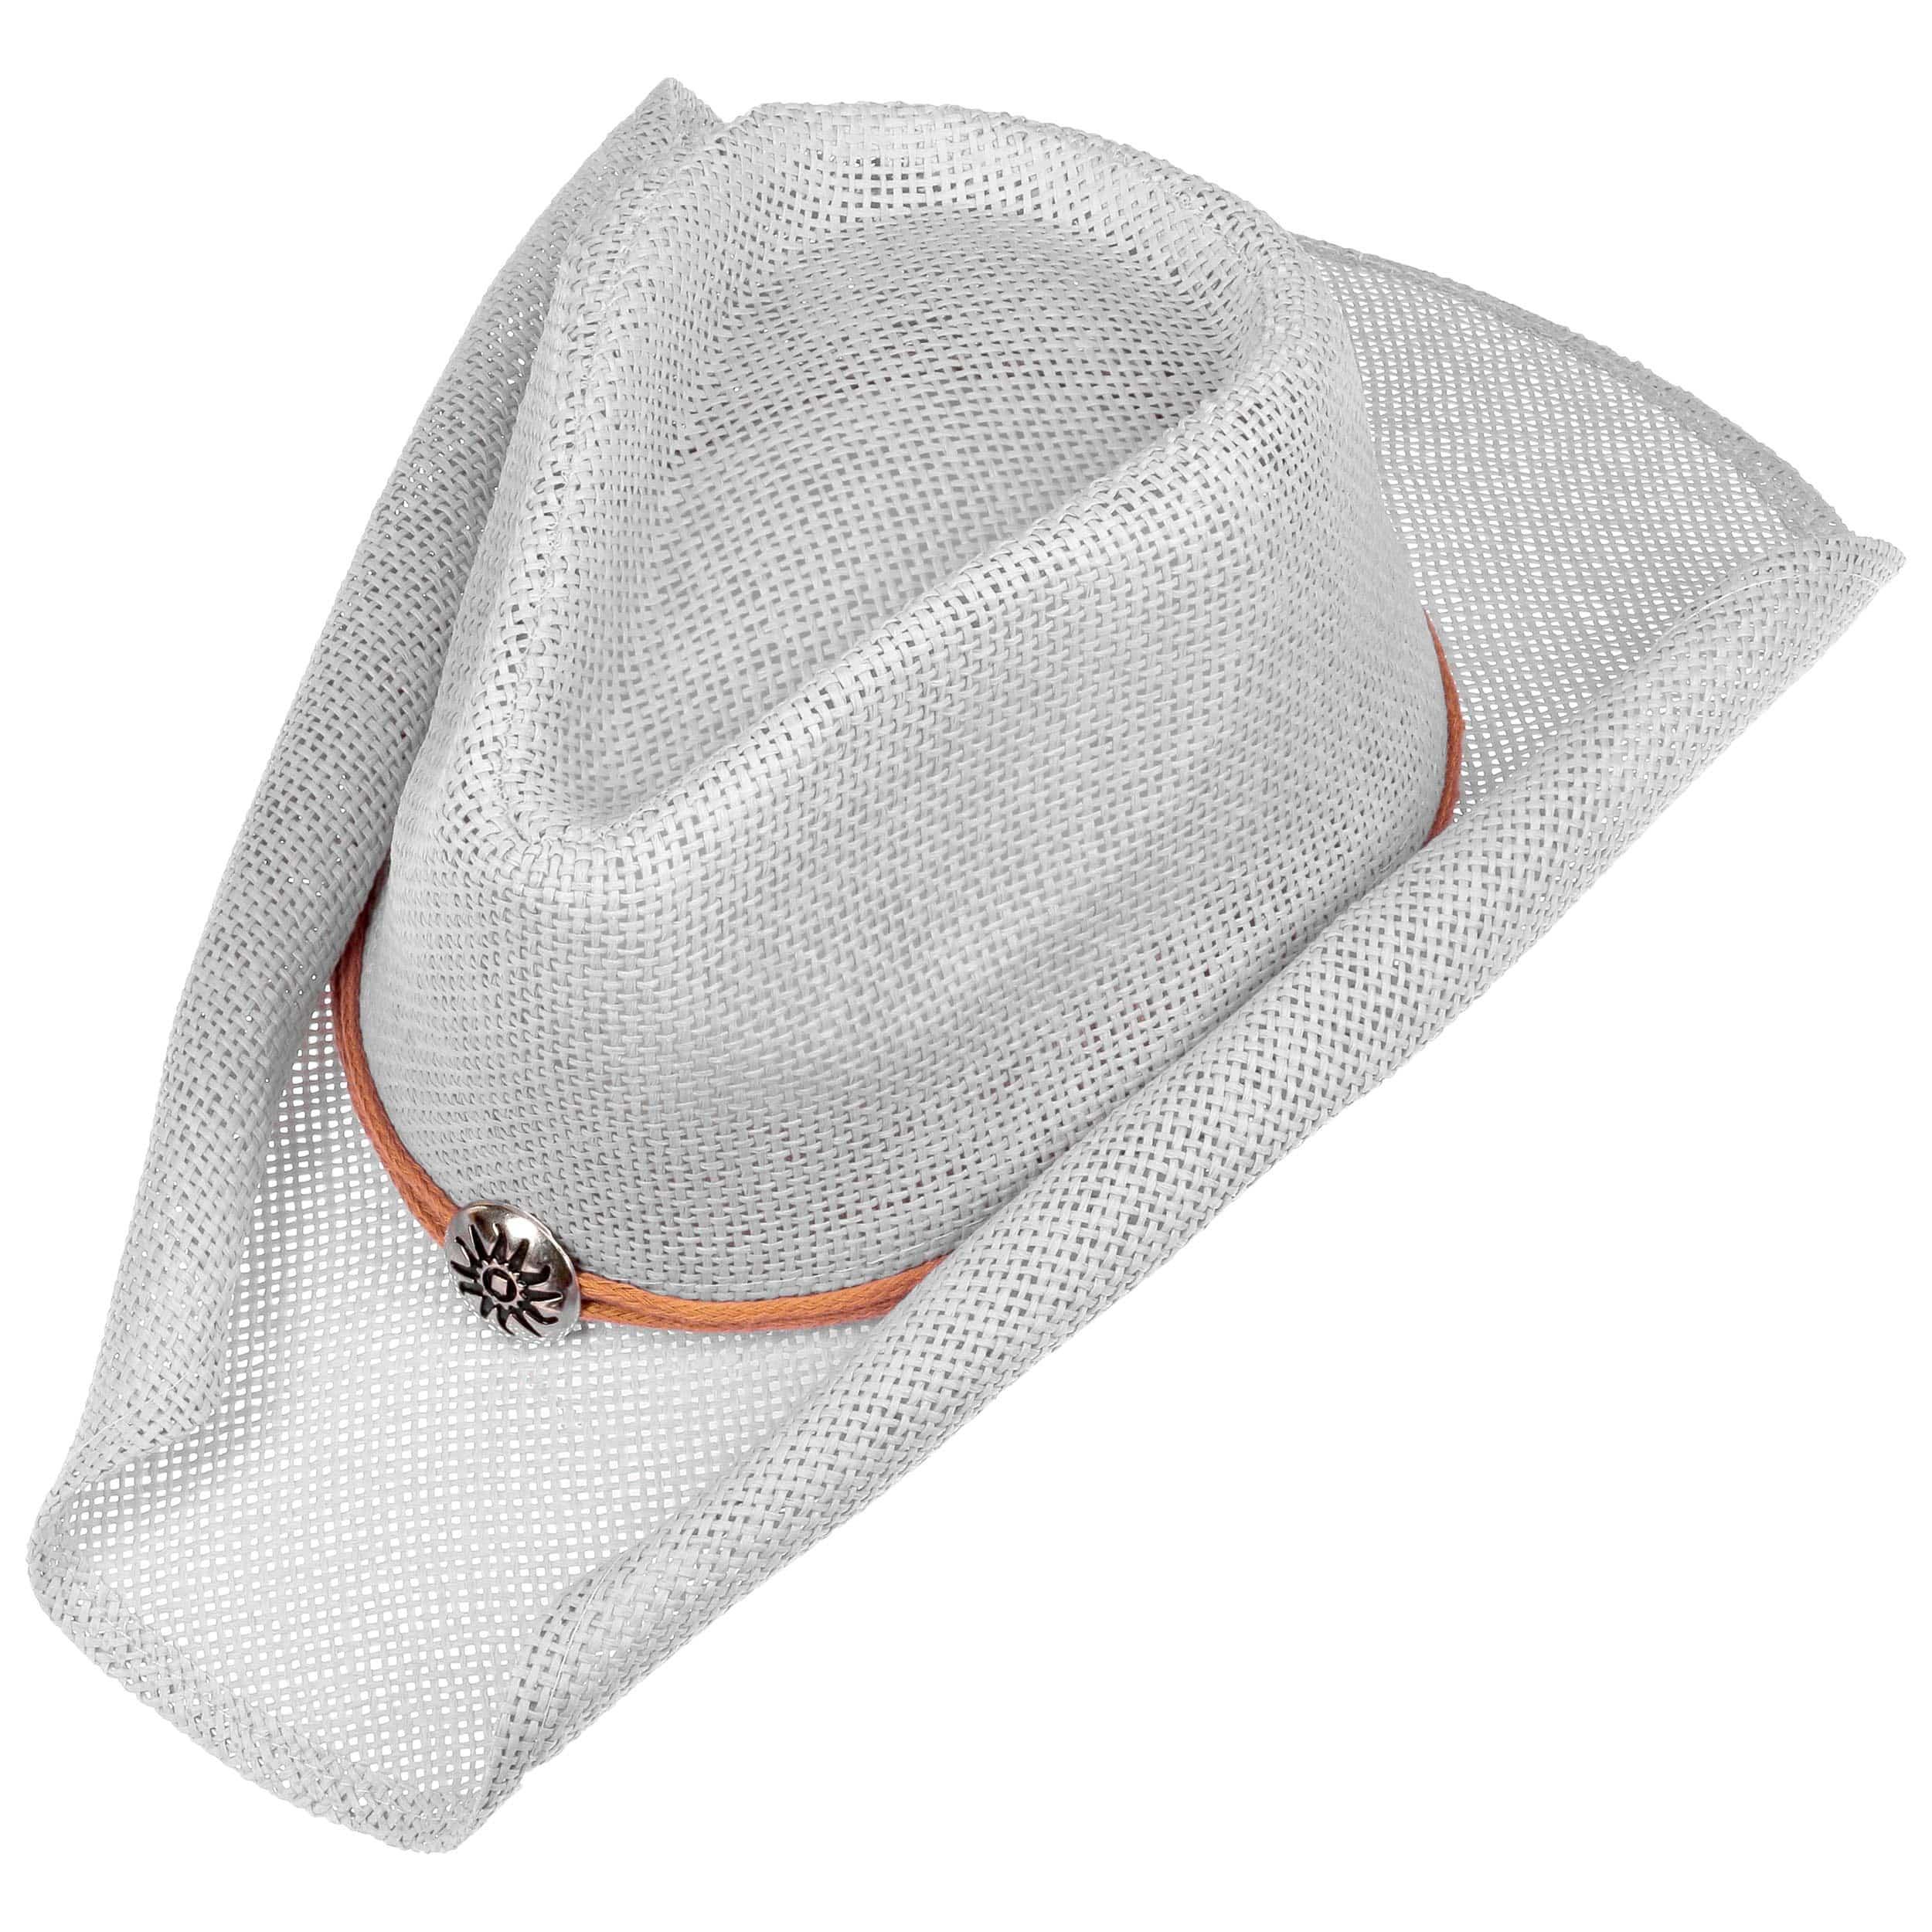 Sombrero Vaquero de Niño Yeehaw by Lipodo - Sombreros - sombreroshop.es 8828e36607e